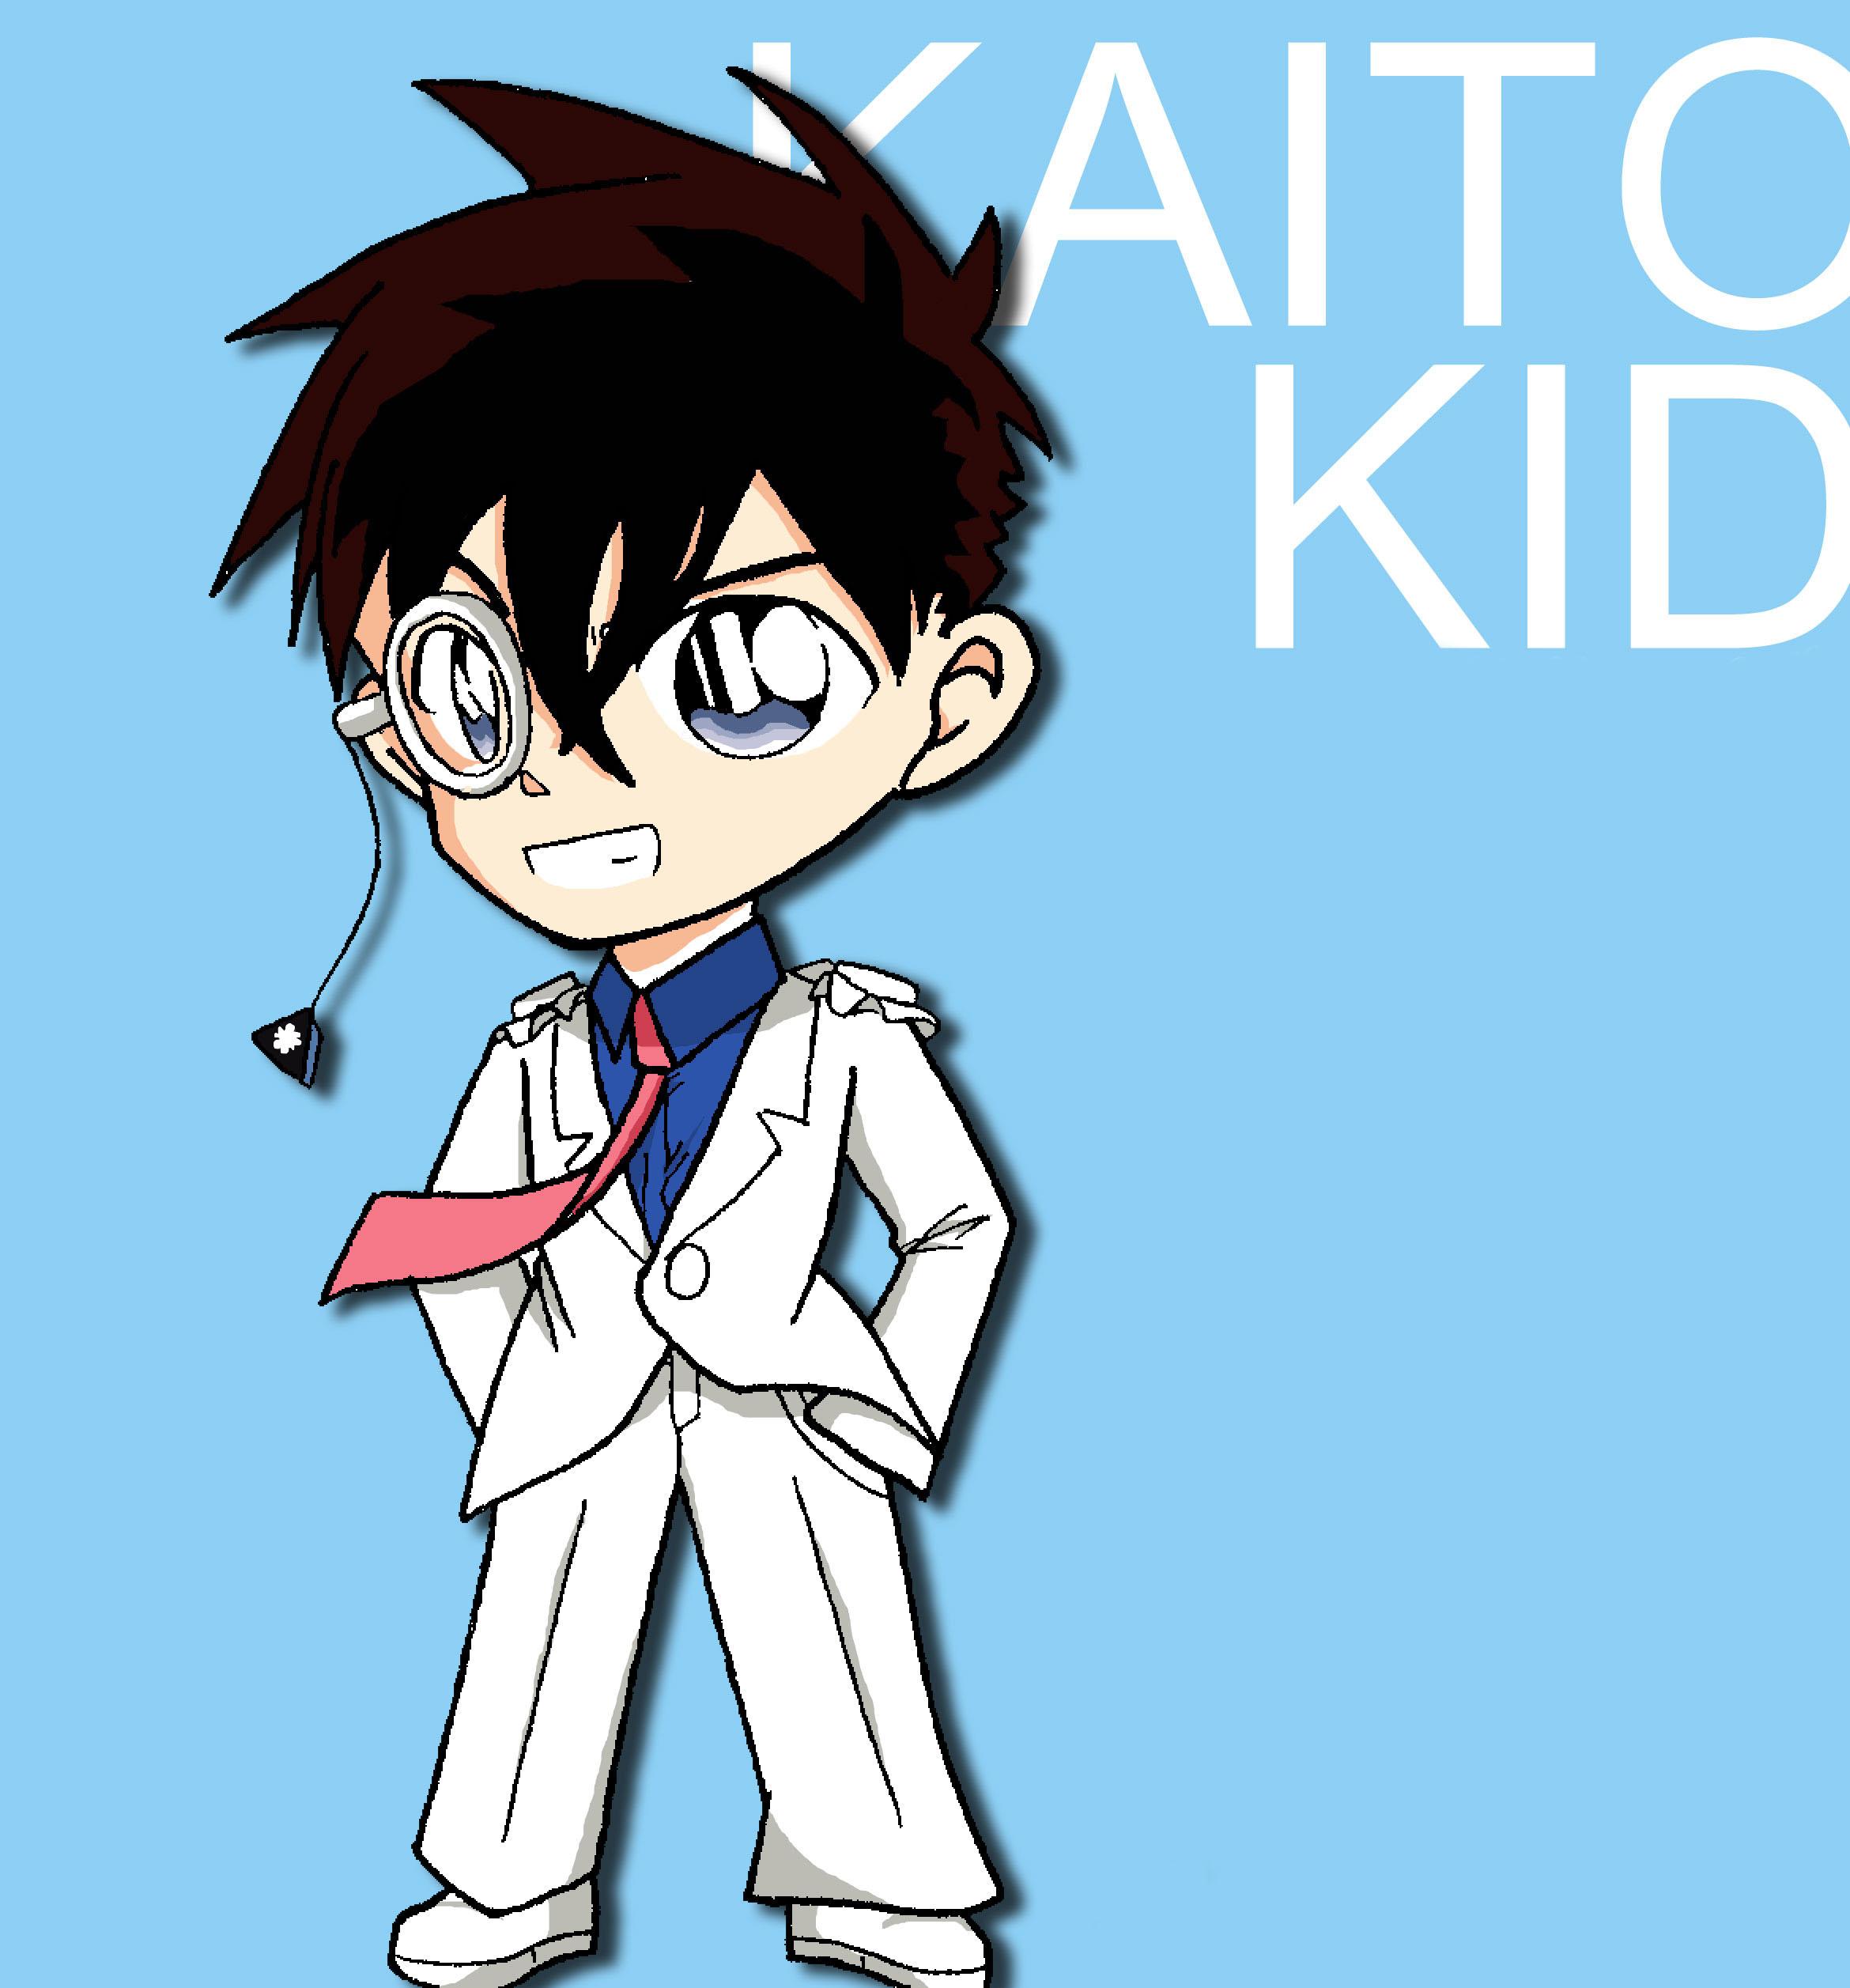 Hình ảnh conan anime chibi boy